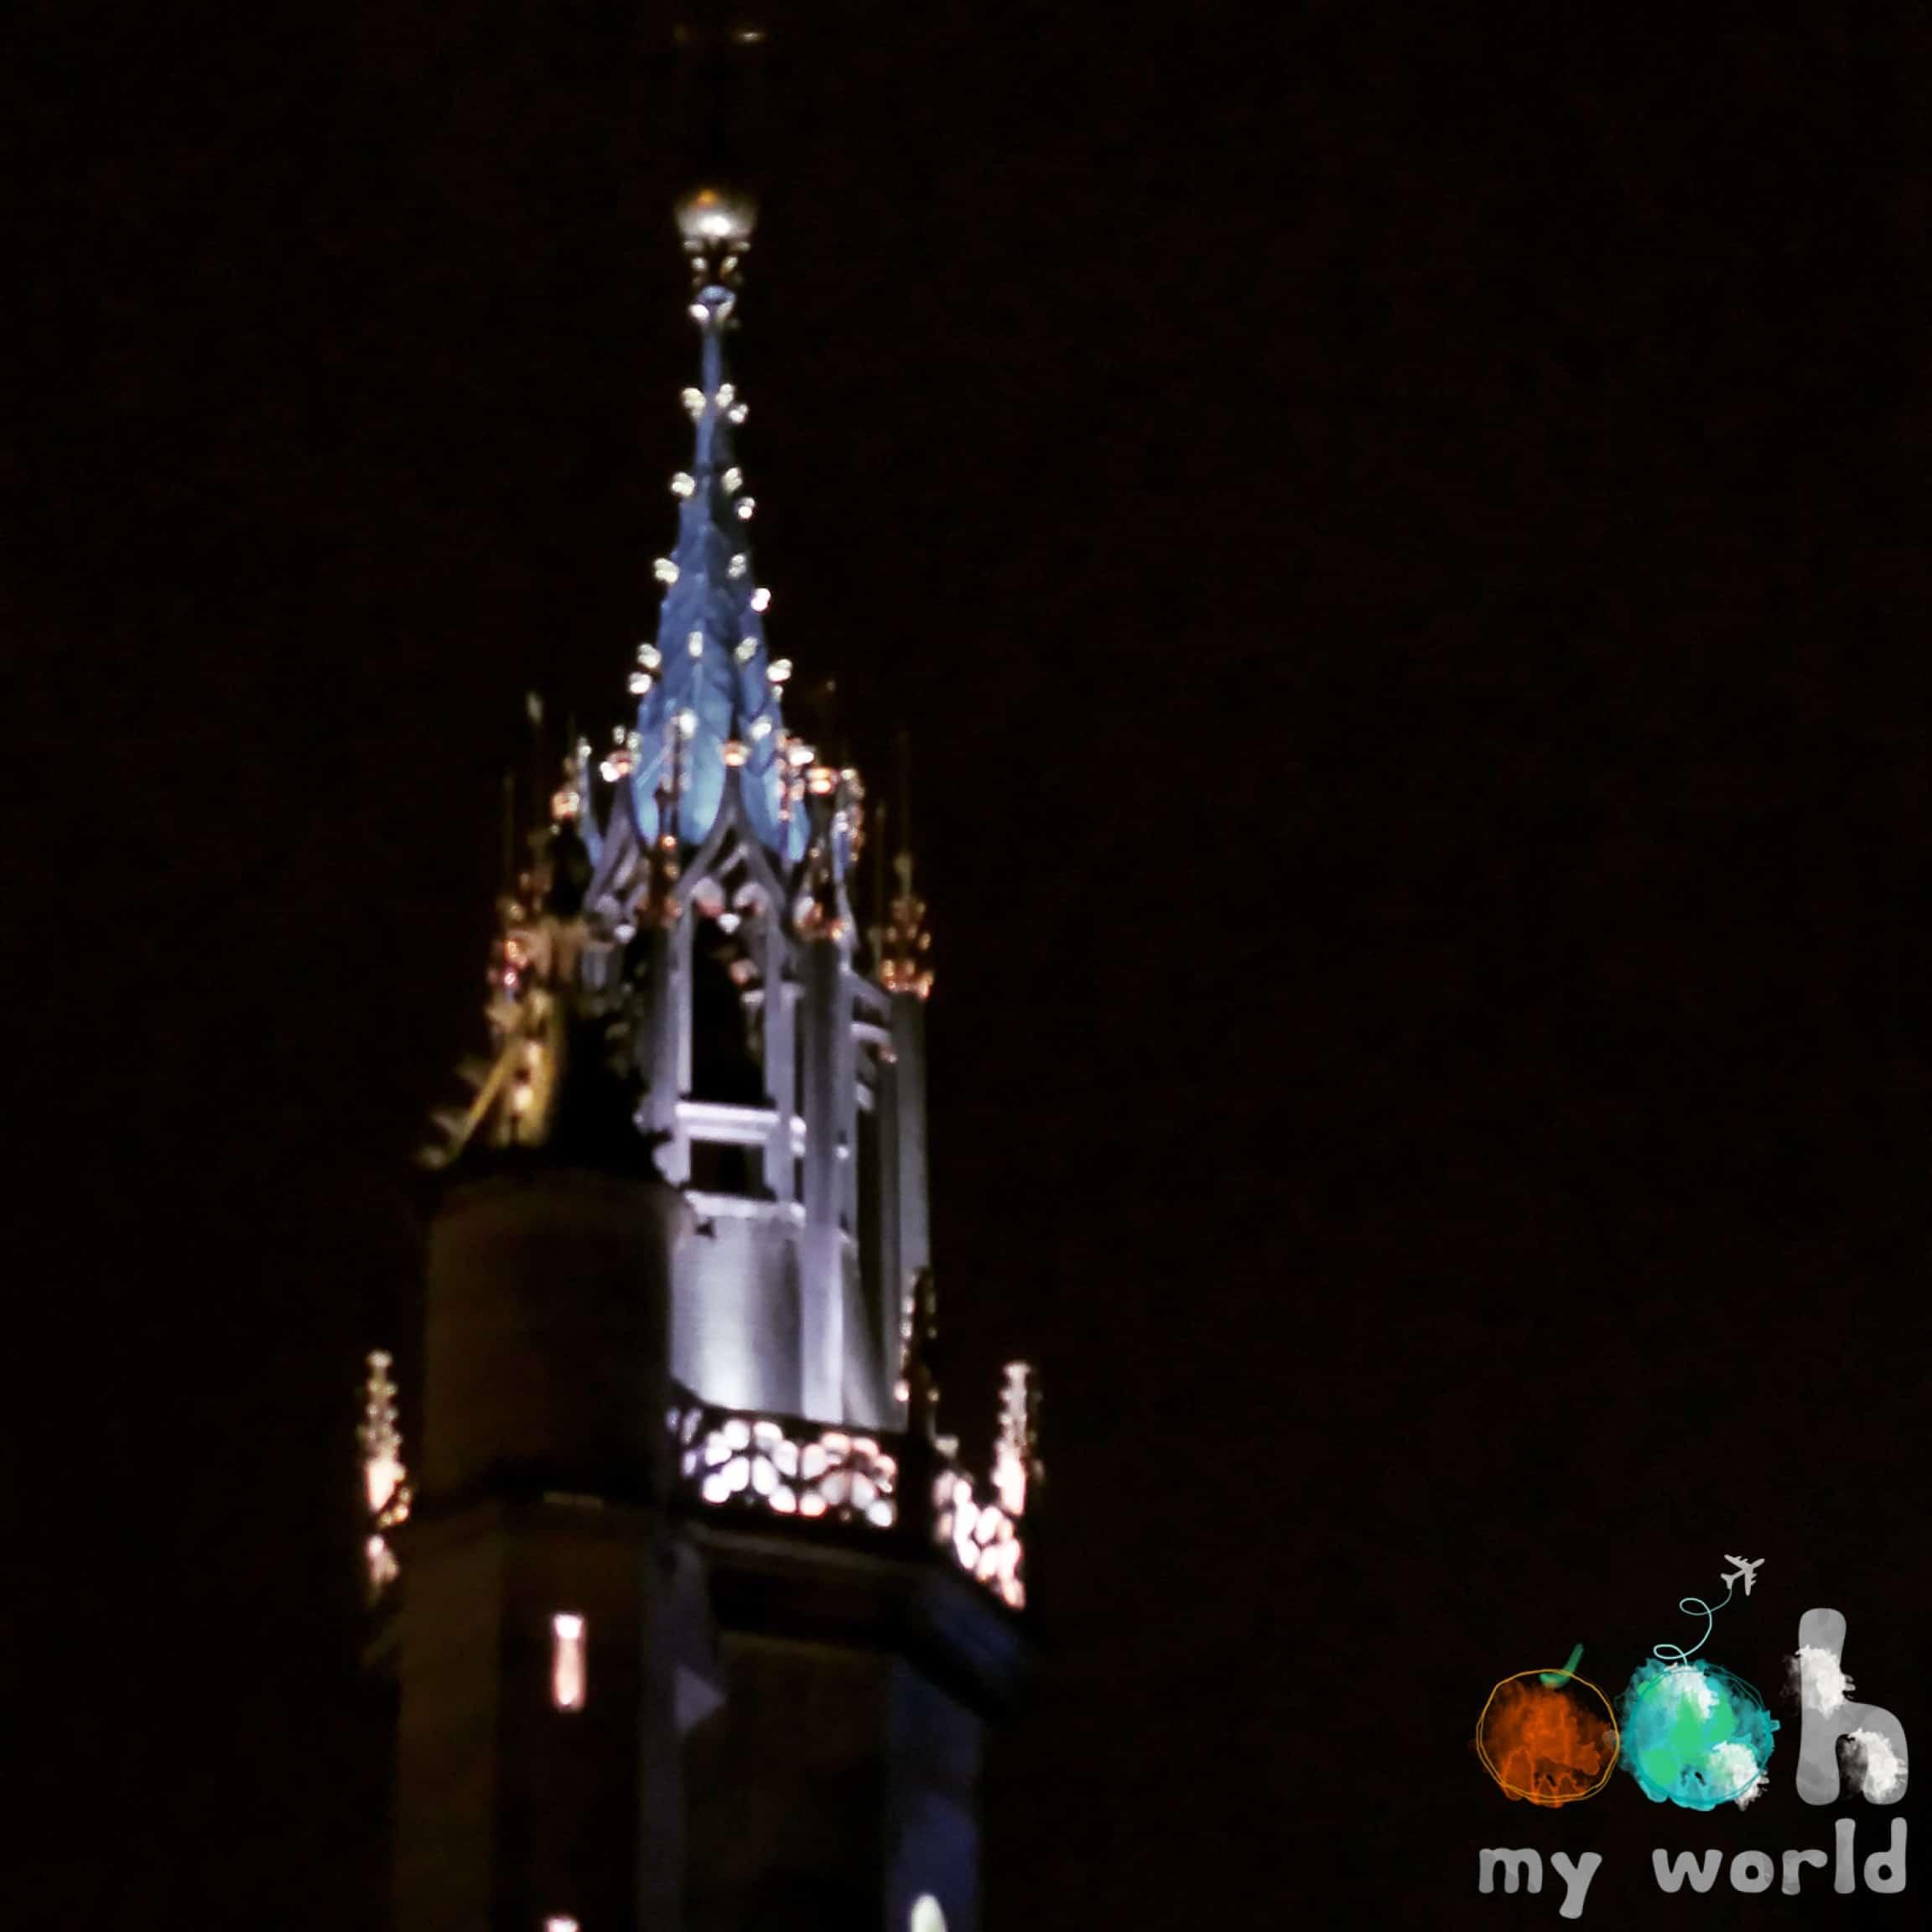 La Tour de l'Horloge, le Beffroi d'Evreux